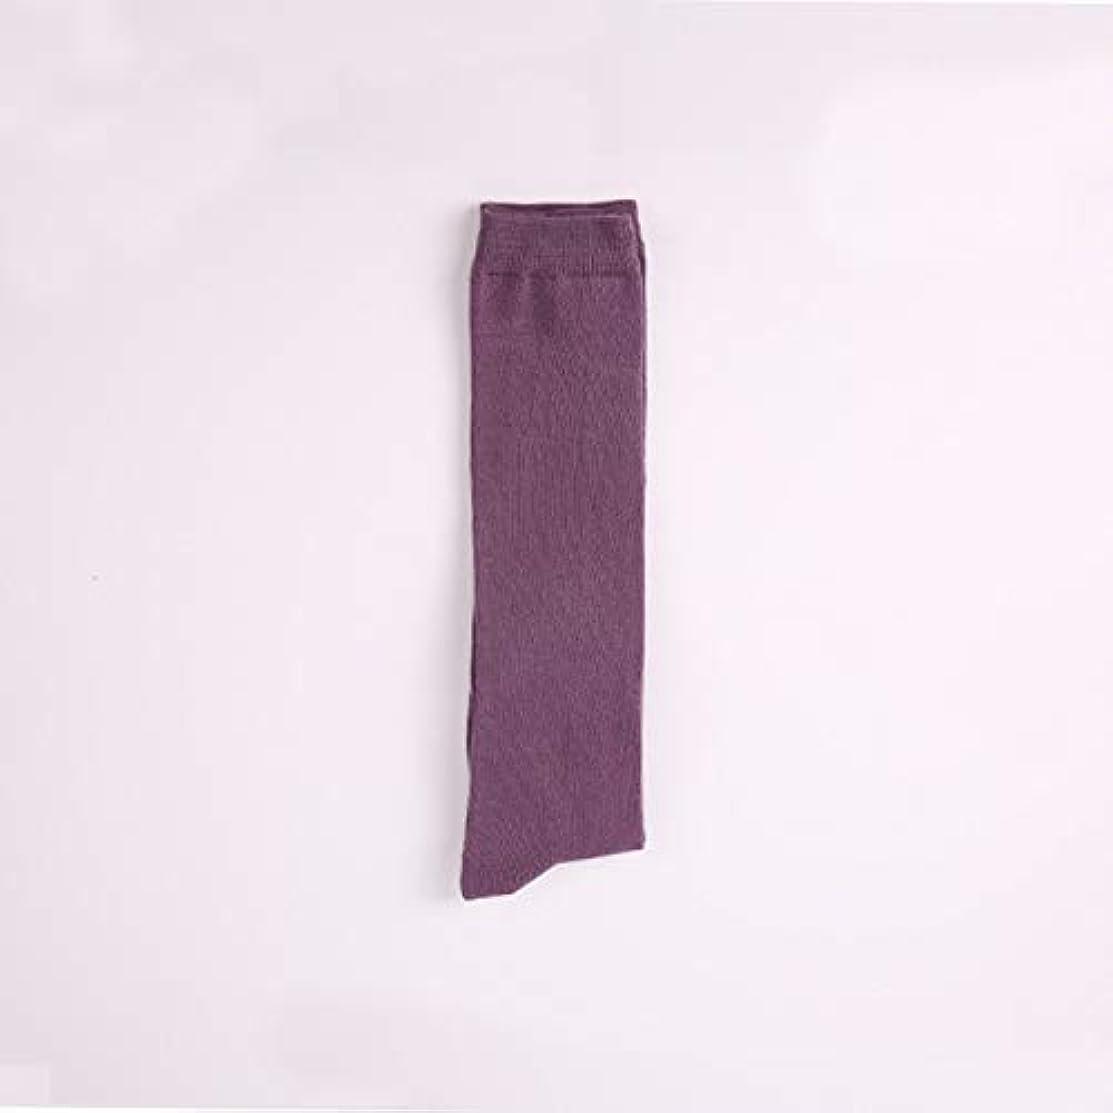 タワー低い修道院薄い子牛の靴下ソリッドカラー日本綿の膝の靴下女性の滑り止めの春と秋の通気性の靴下の学生の山